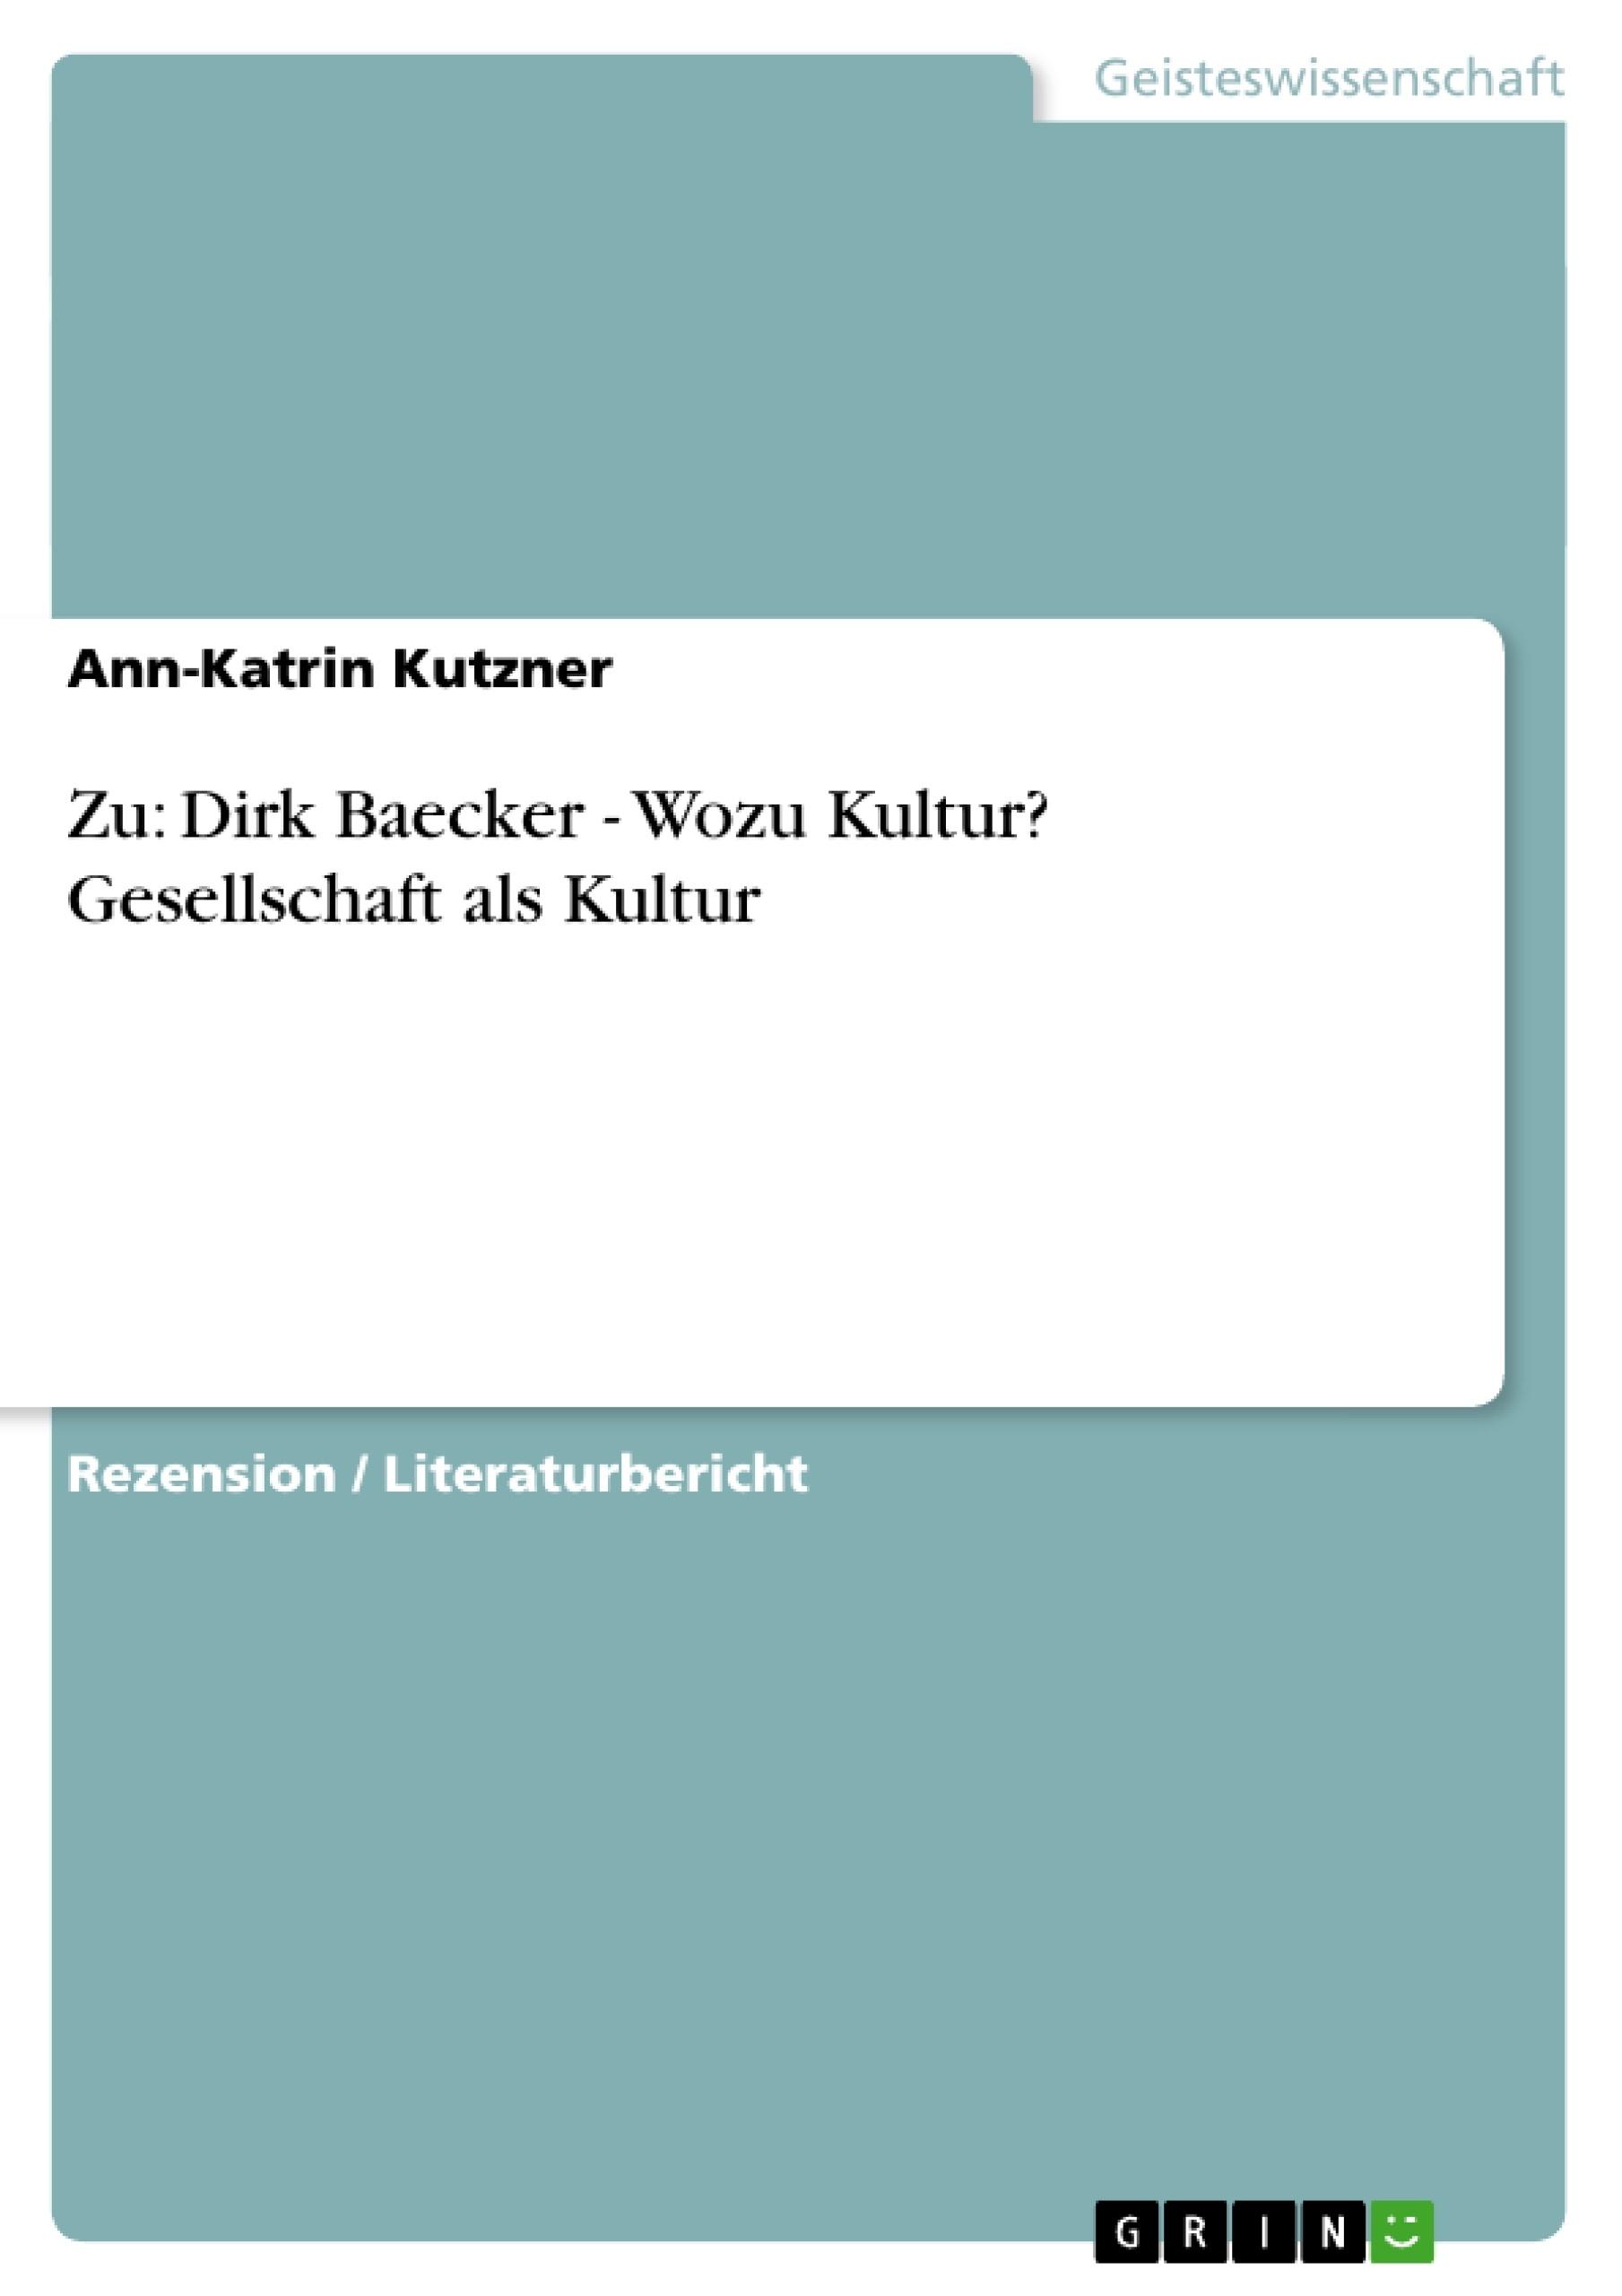 Titel: Zu: Dirk Baecker - Wozu Kultur? Gesellschaft als Kultur